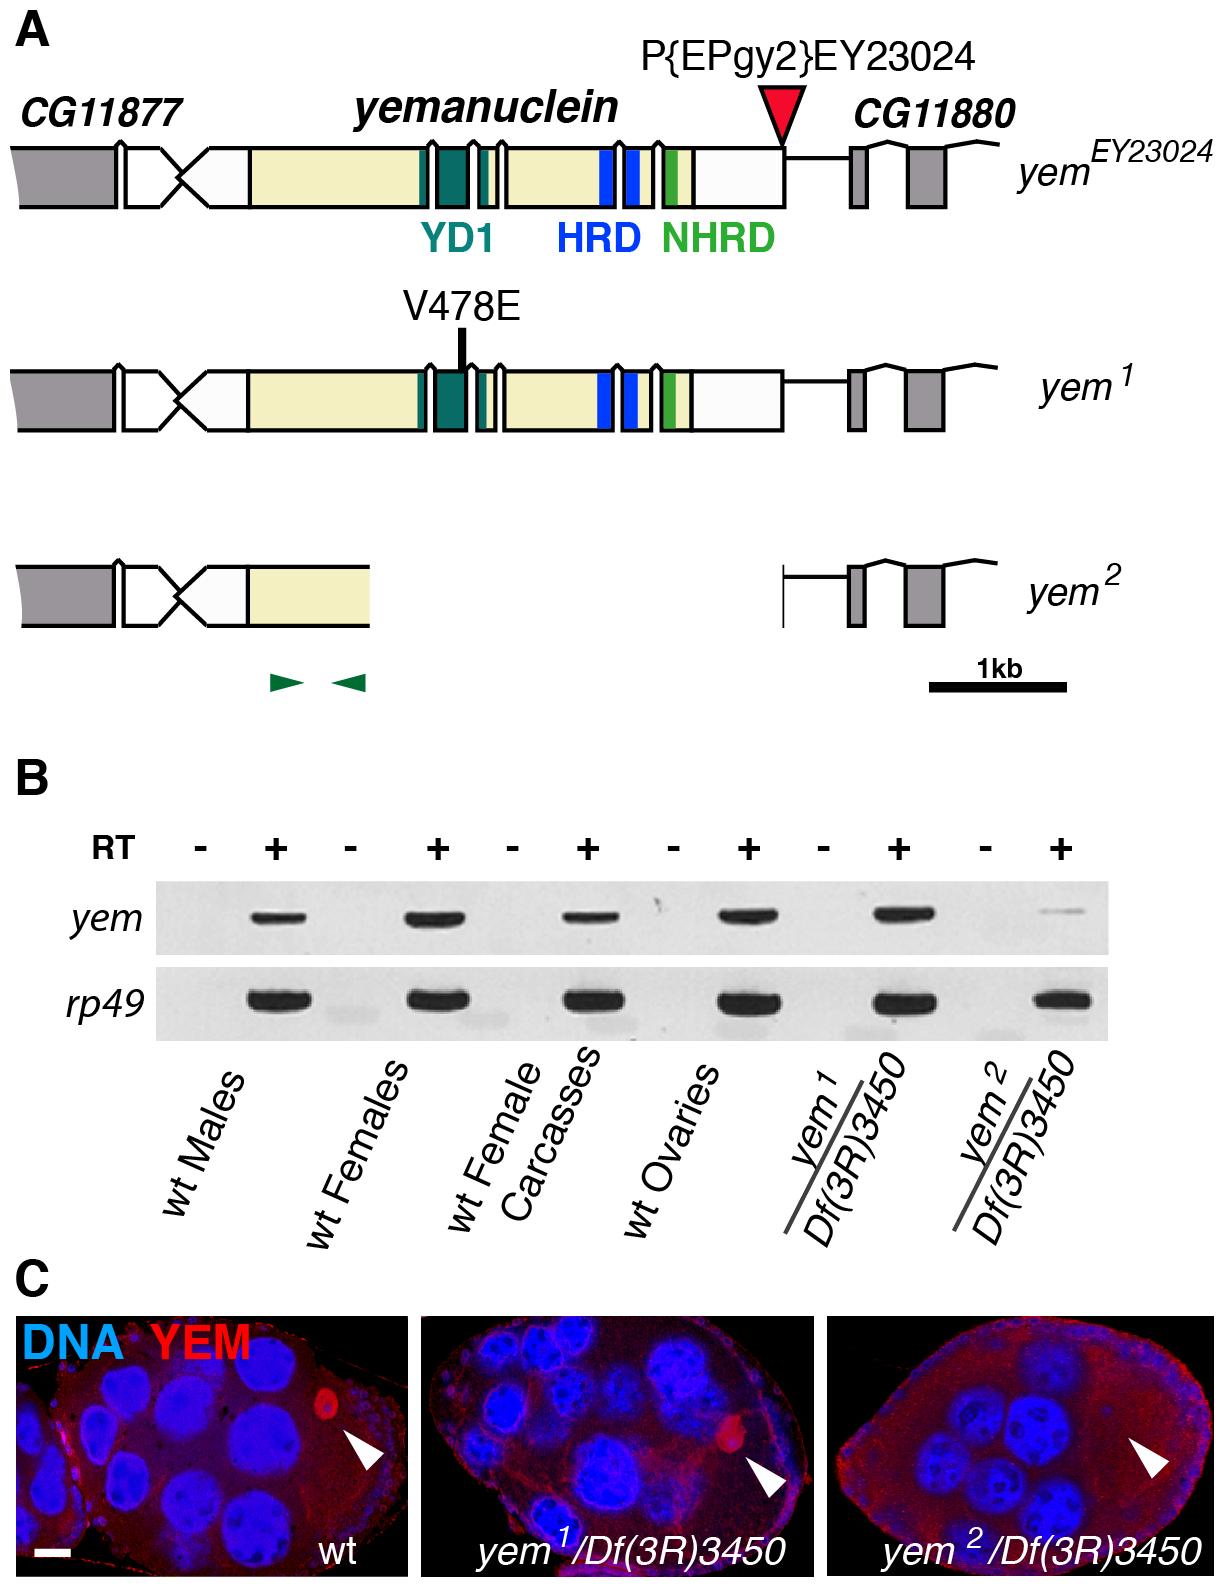 Mutations affecting the <i>yem</i> gene.